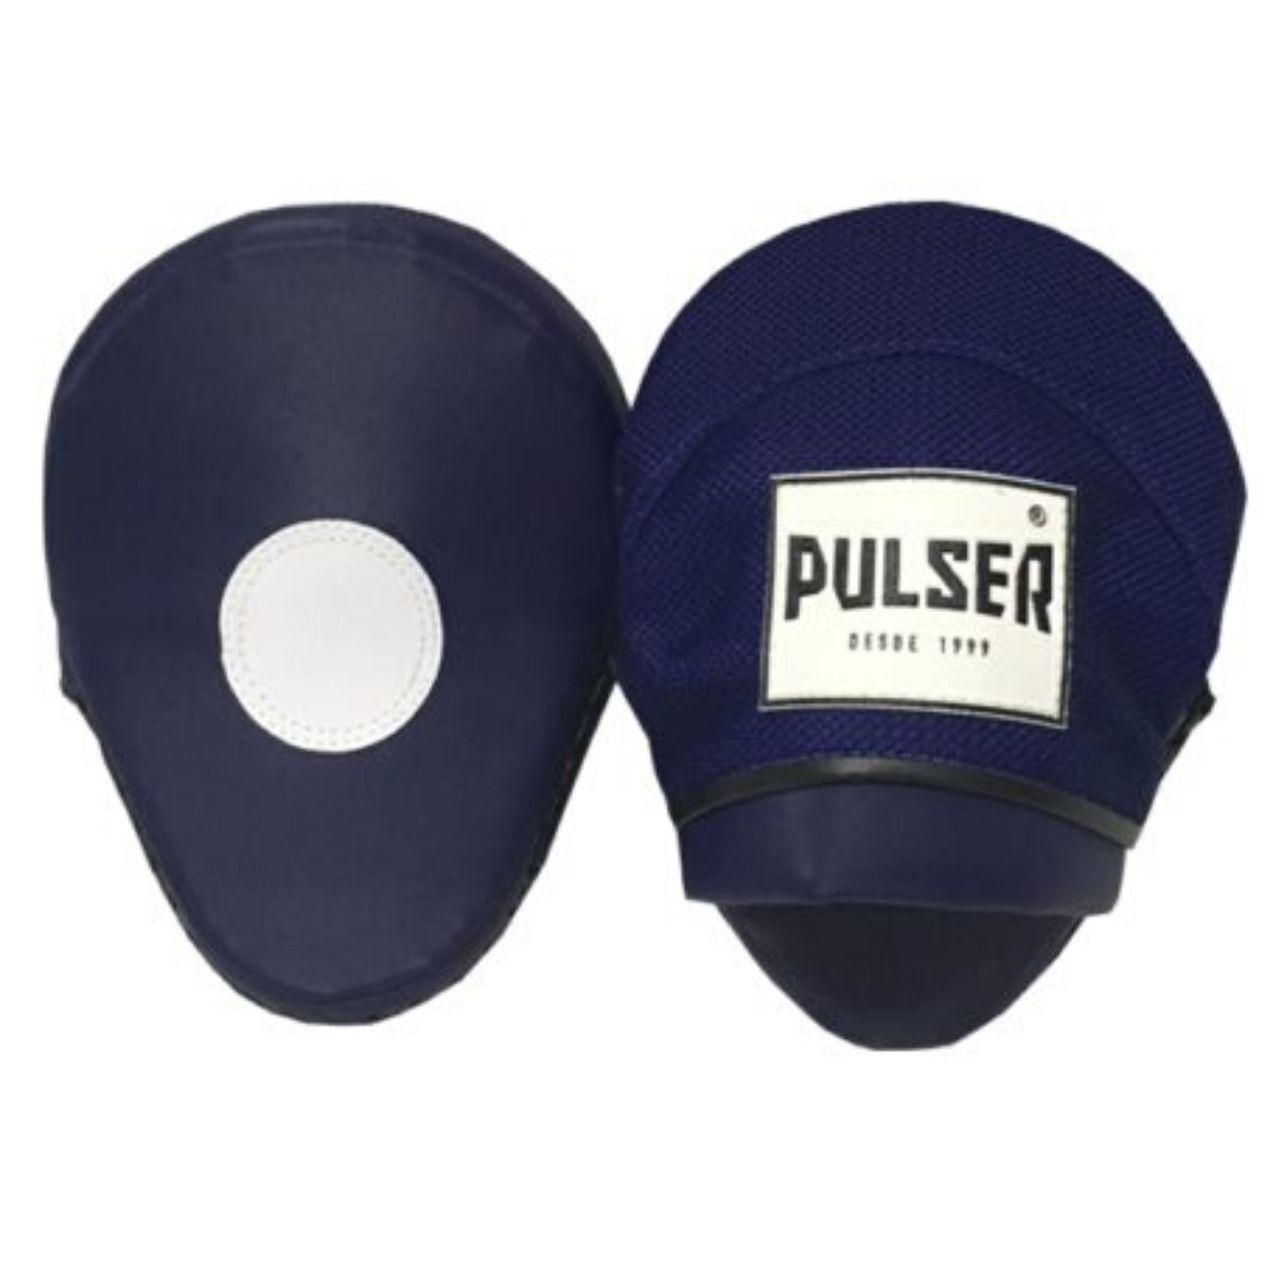 Par de Manopla Luva de Foco / Soco Confort Line - Preto com Azul - Pulser  - PRALUTA SHOP